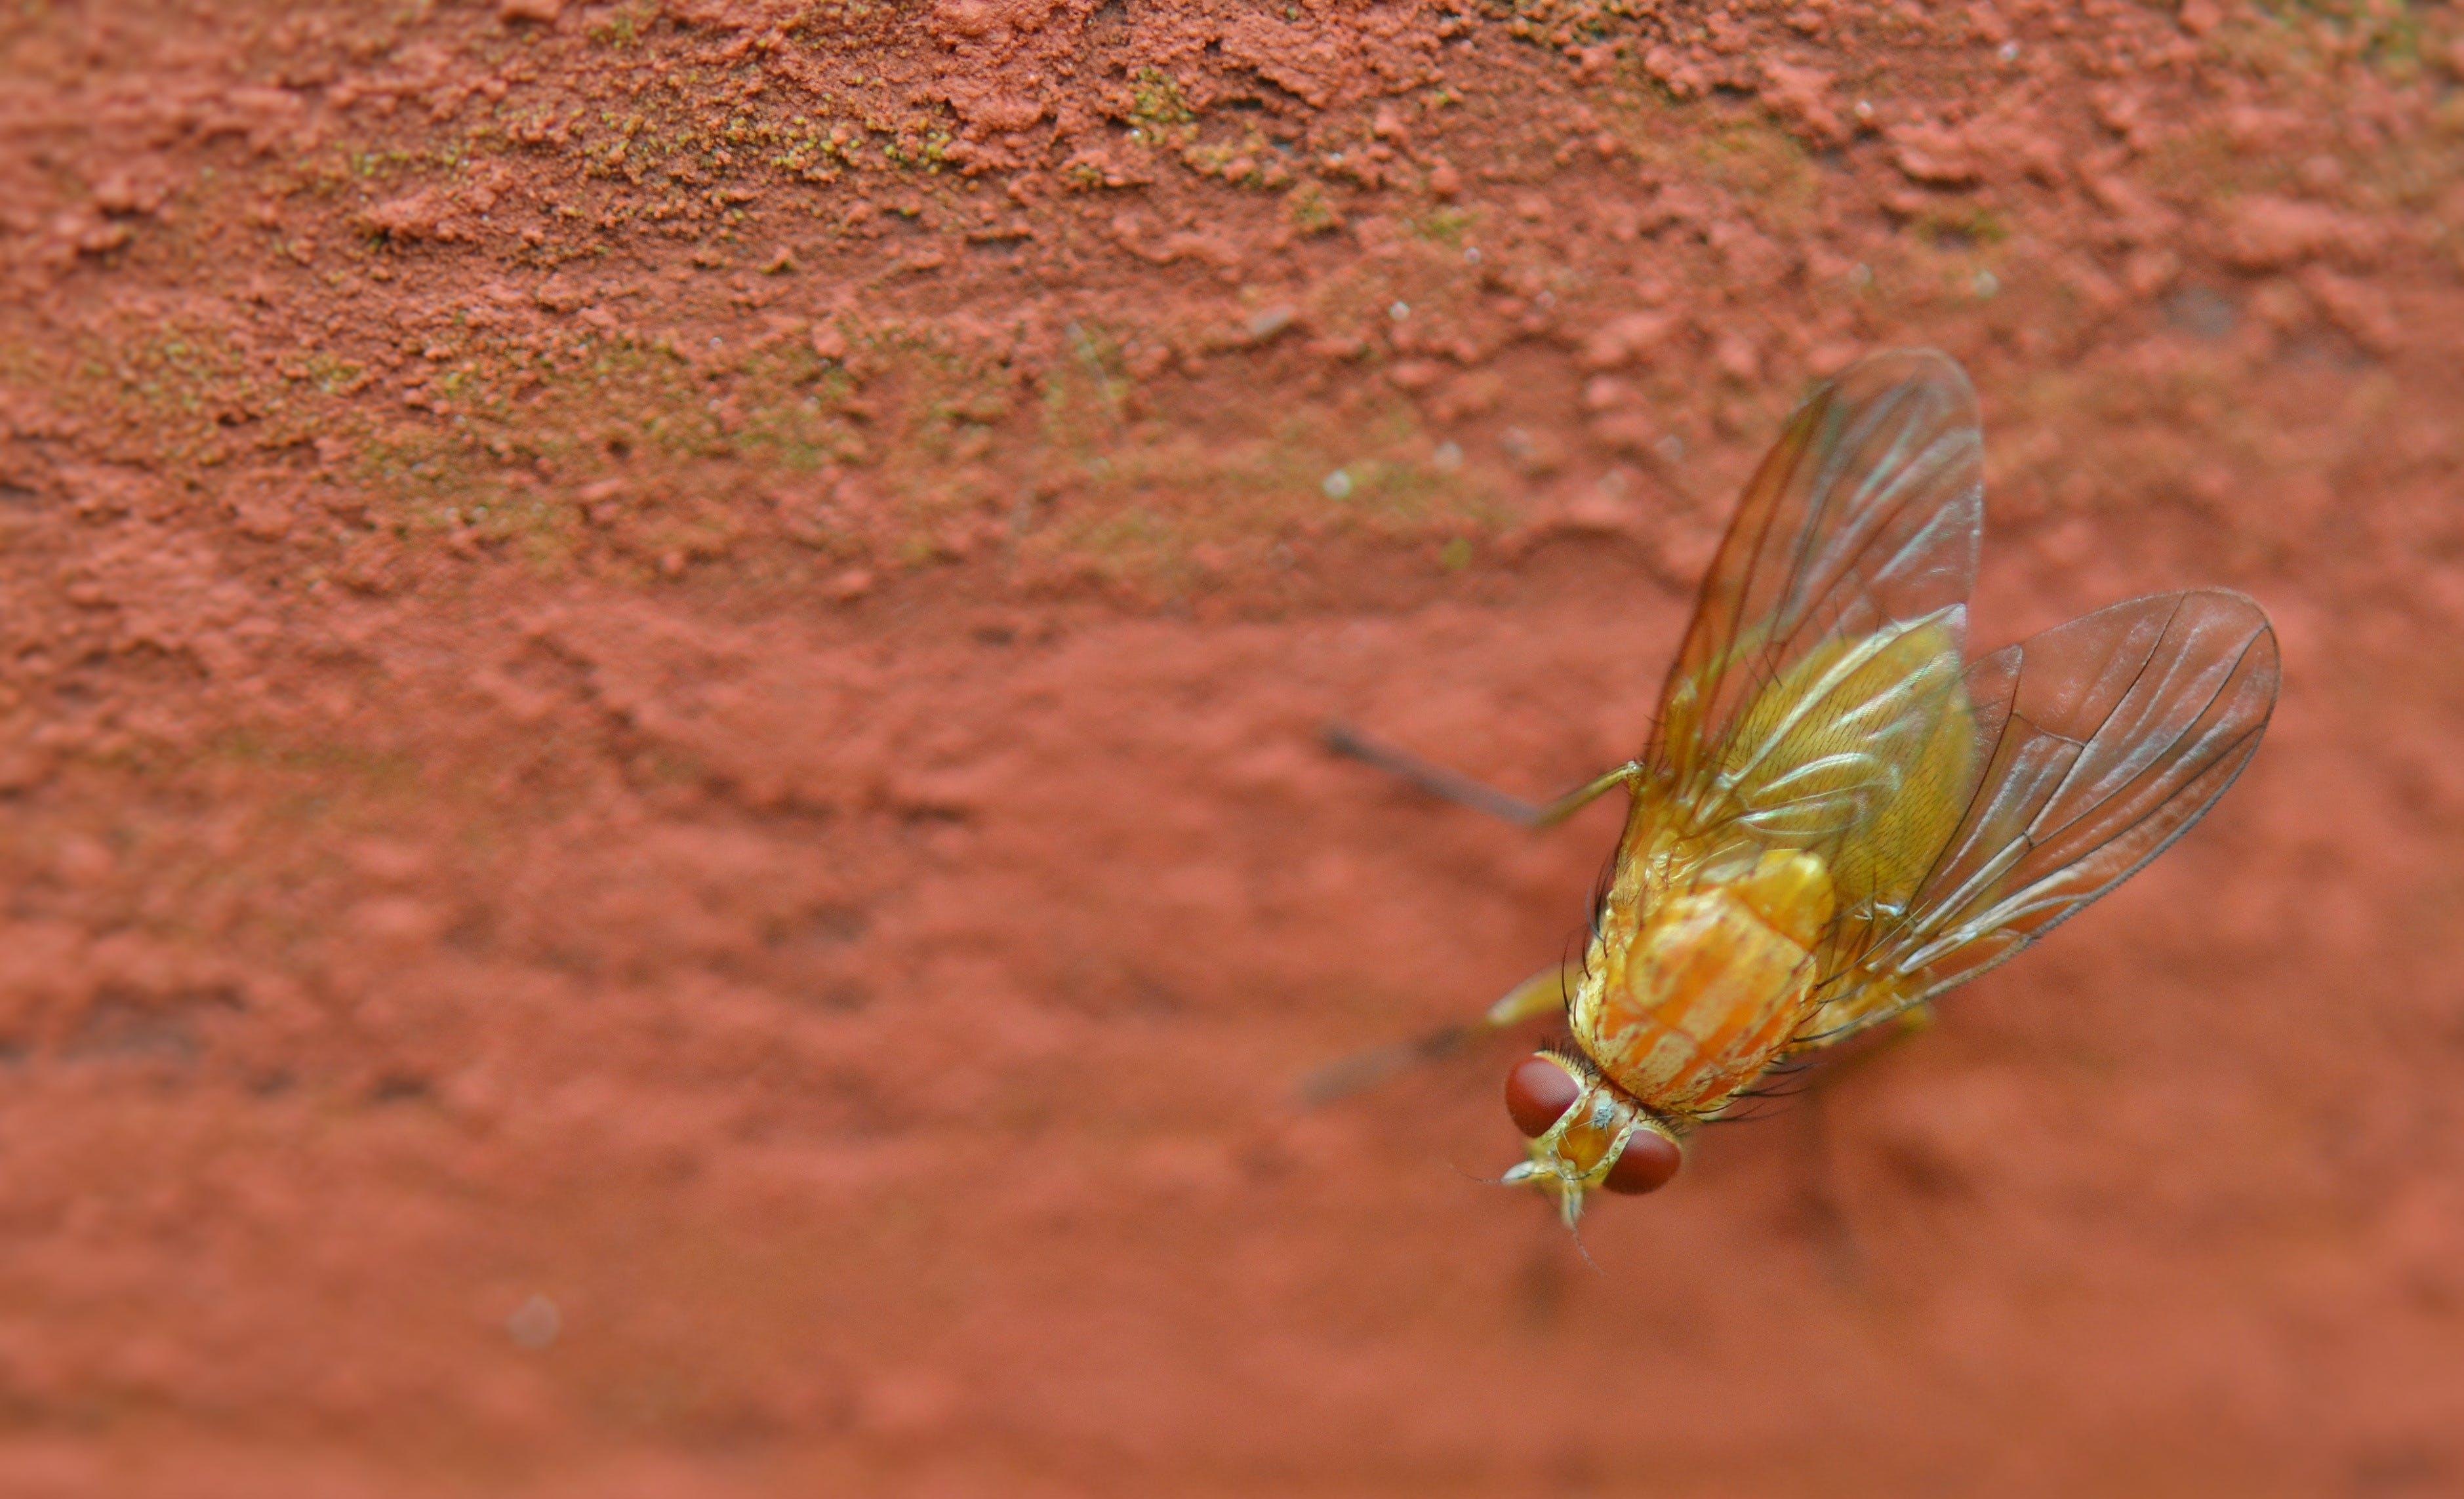 คลังภาพถ่ายฟรี ของ แมลง, แมลงวันป่า, แมโคร, โคลสอัป